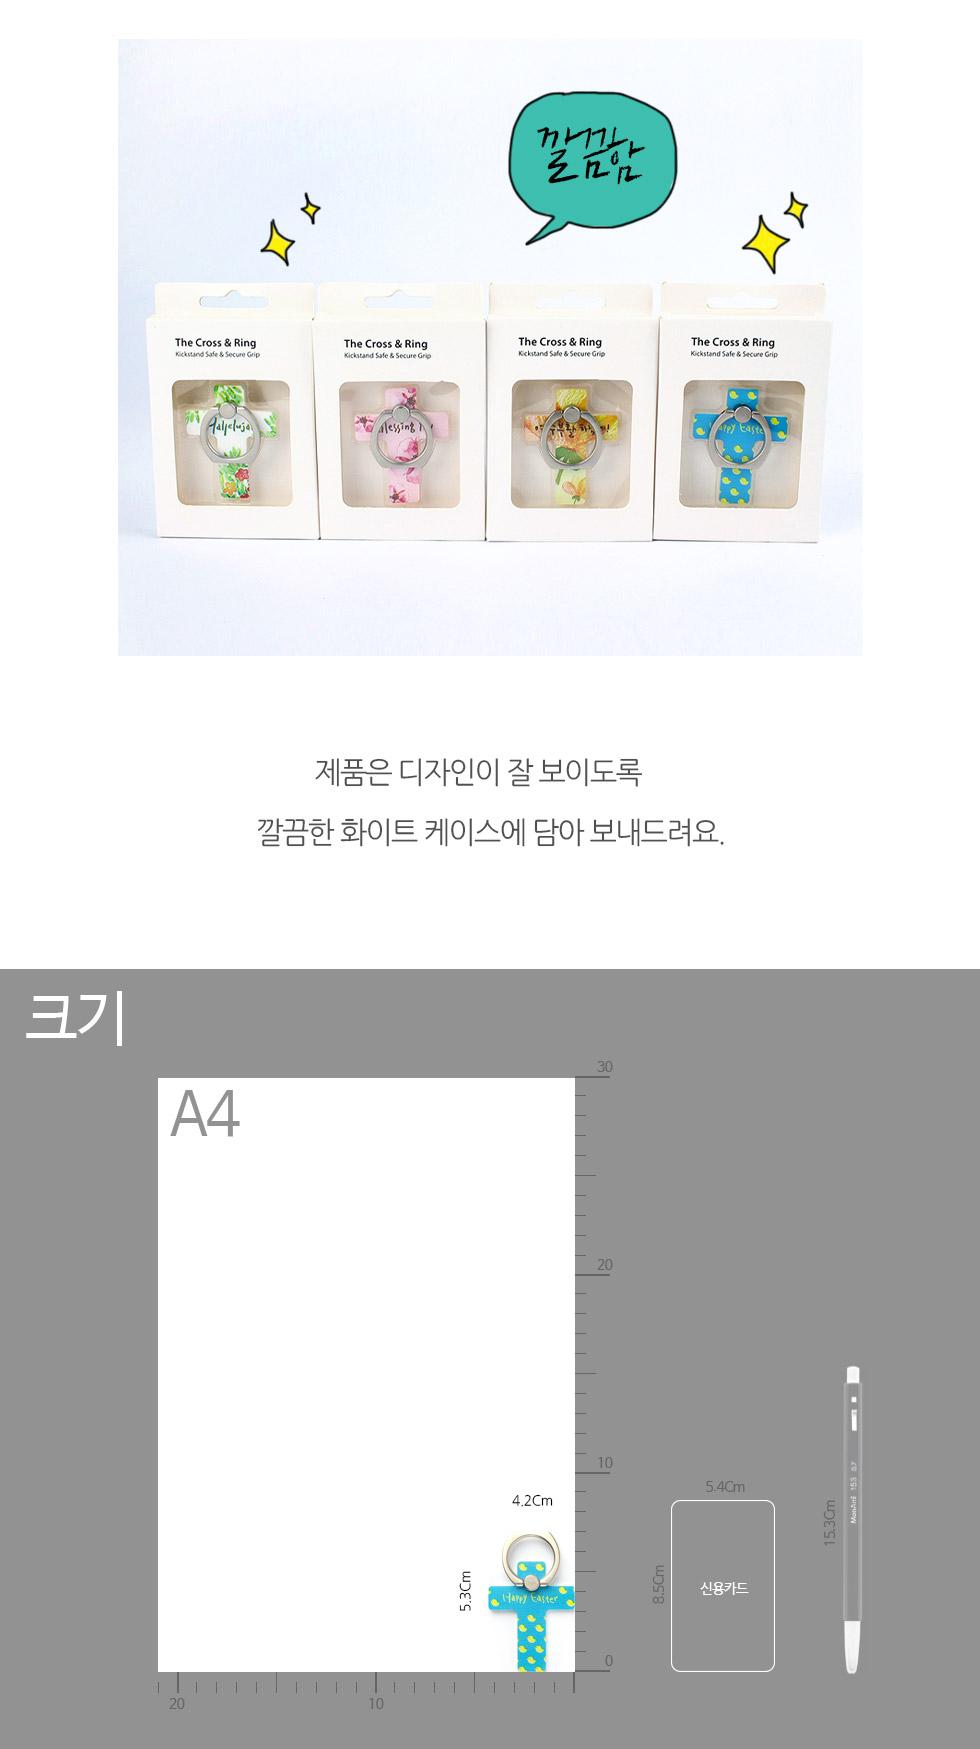 부활절 선물 휴대폰거치대 십자가링 스페셜에디션 4종은 제품이 잘 보이도록 디자인된 깔끔한 흰색 케이스에 담겨 있어 선물하기에 너무 좋습니다.